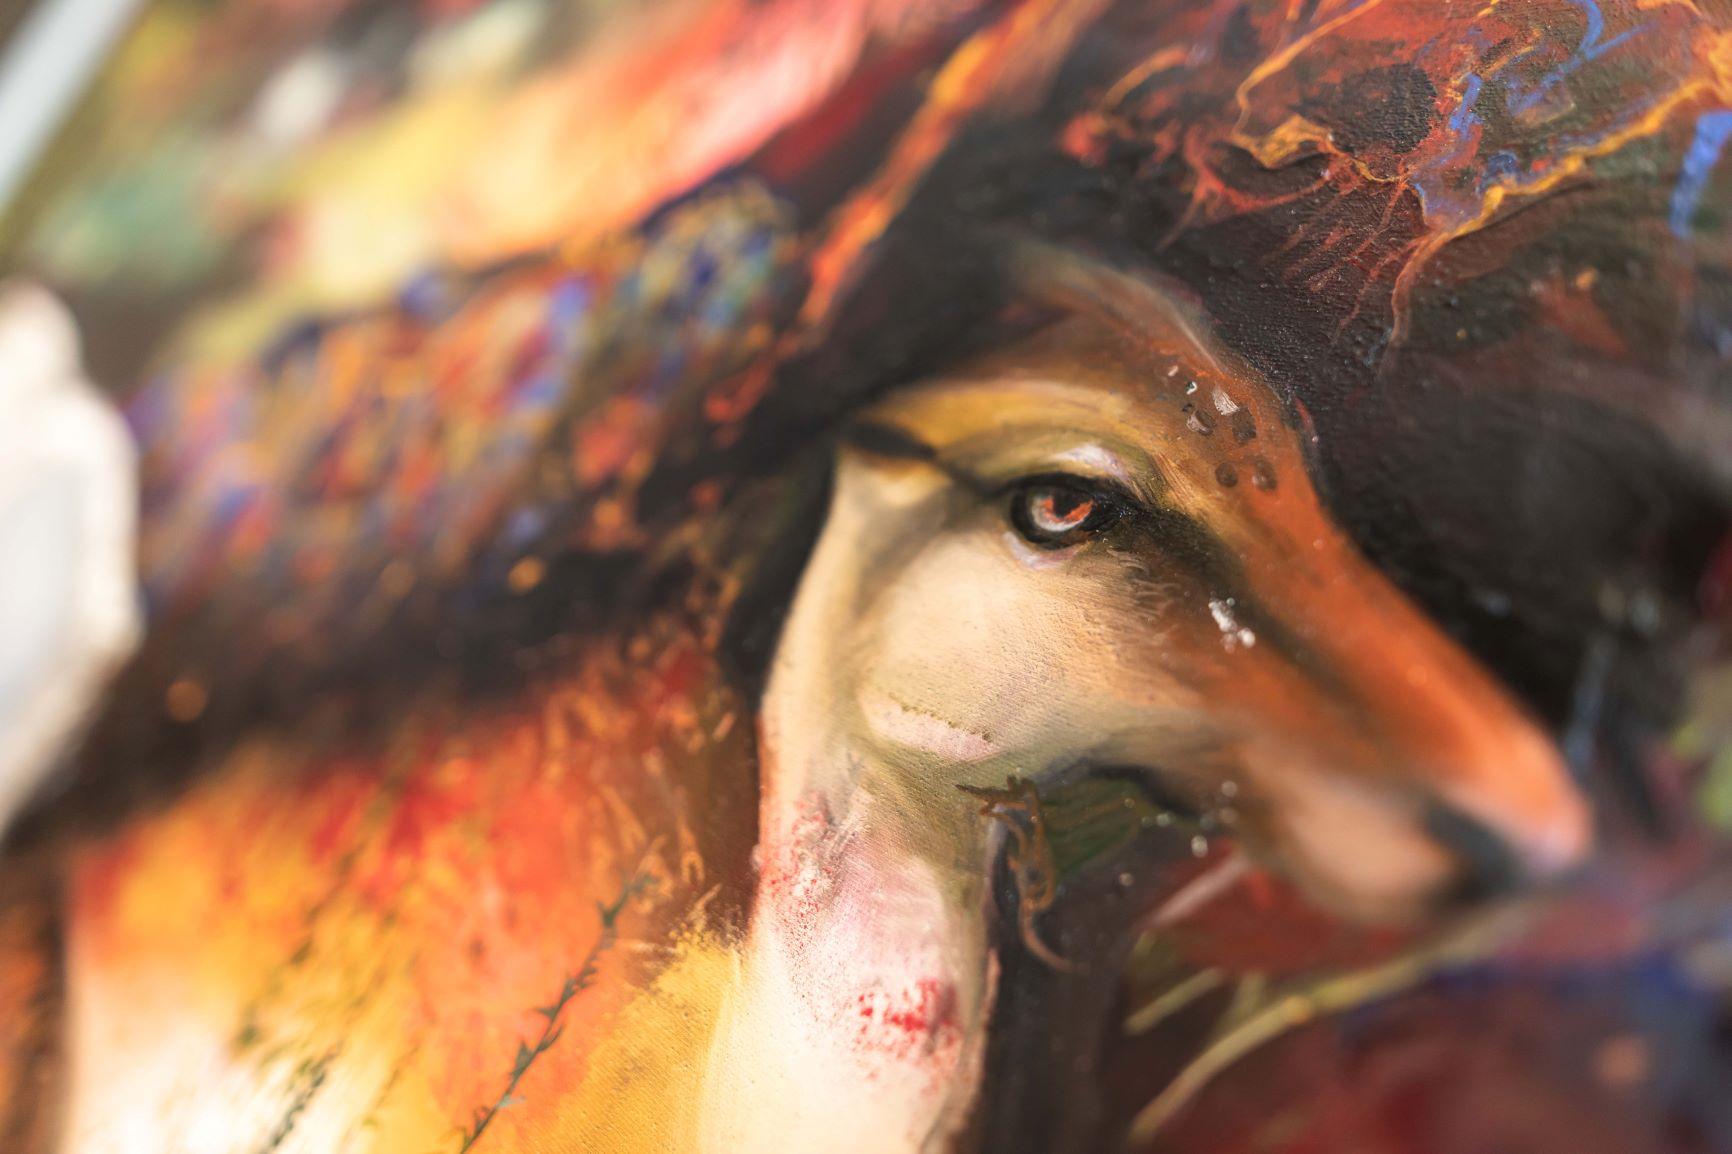 A Venezia, in mostra notte e giorno le opere di Chiara Calore e Greta Ferretti. In conversazione con il curatore, Daniele Capra